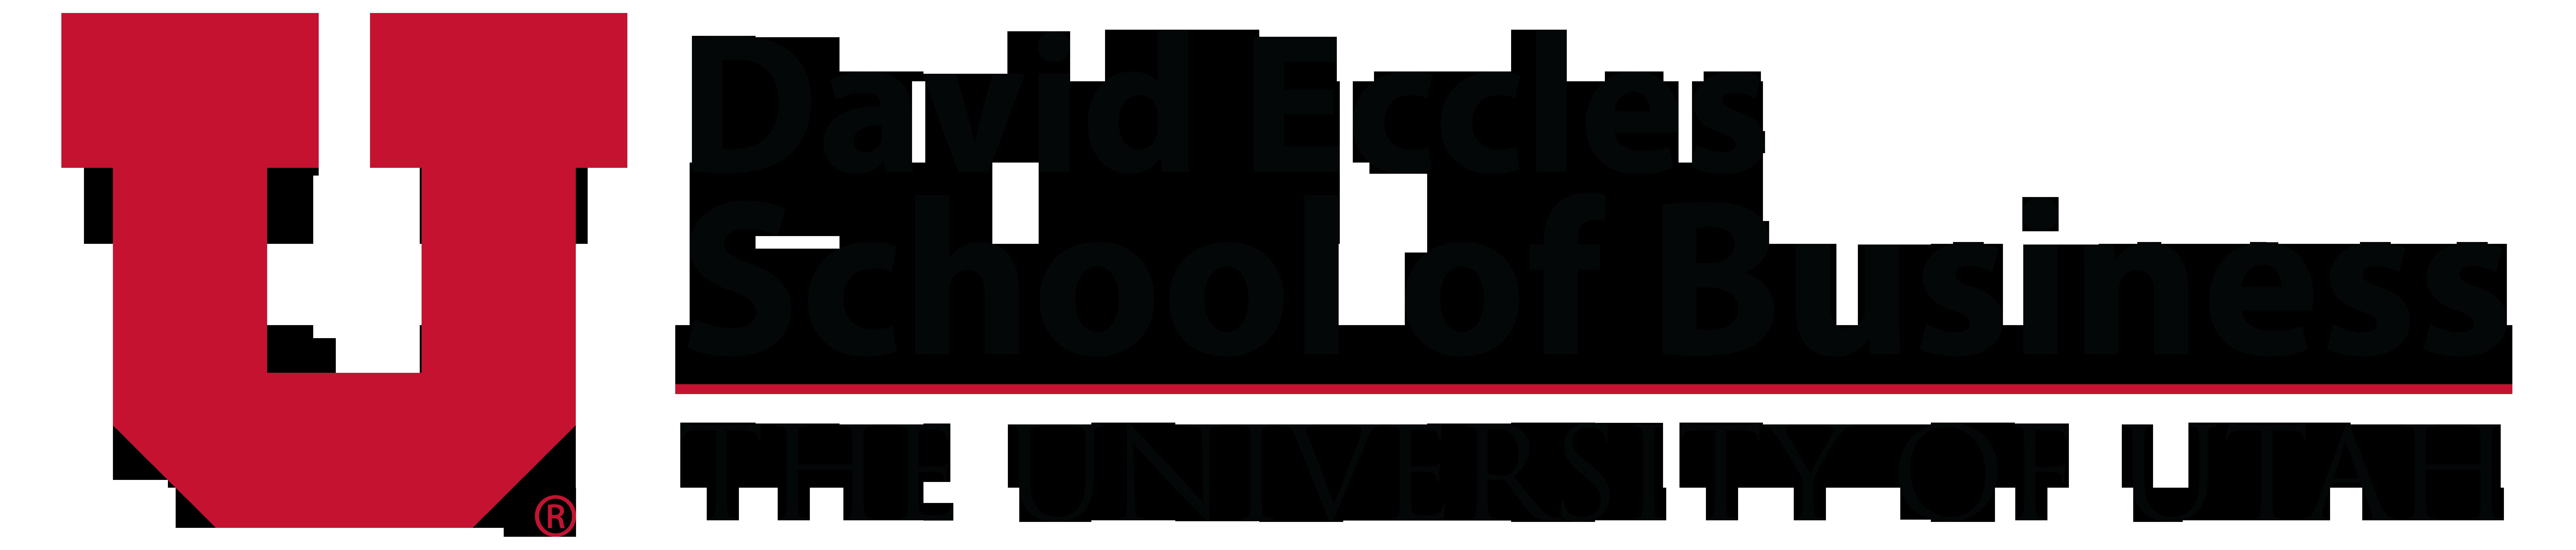 David Eccle School of Business